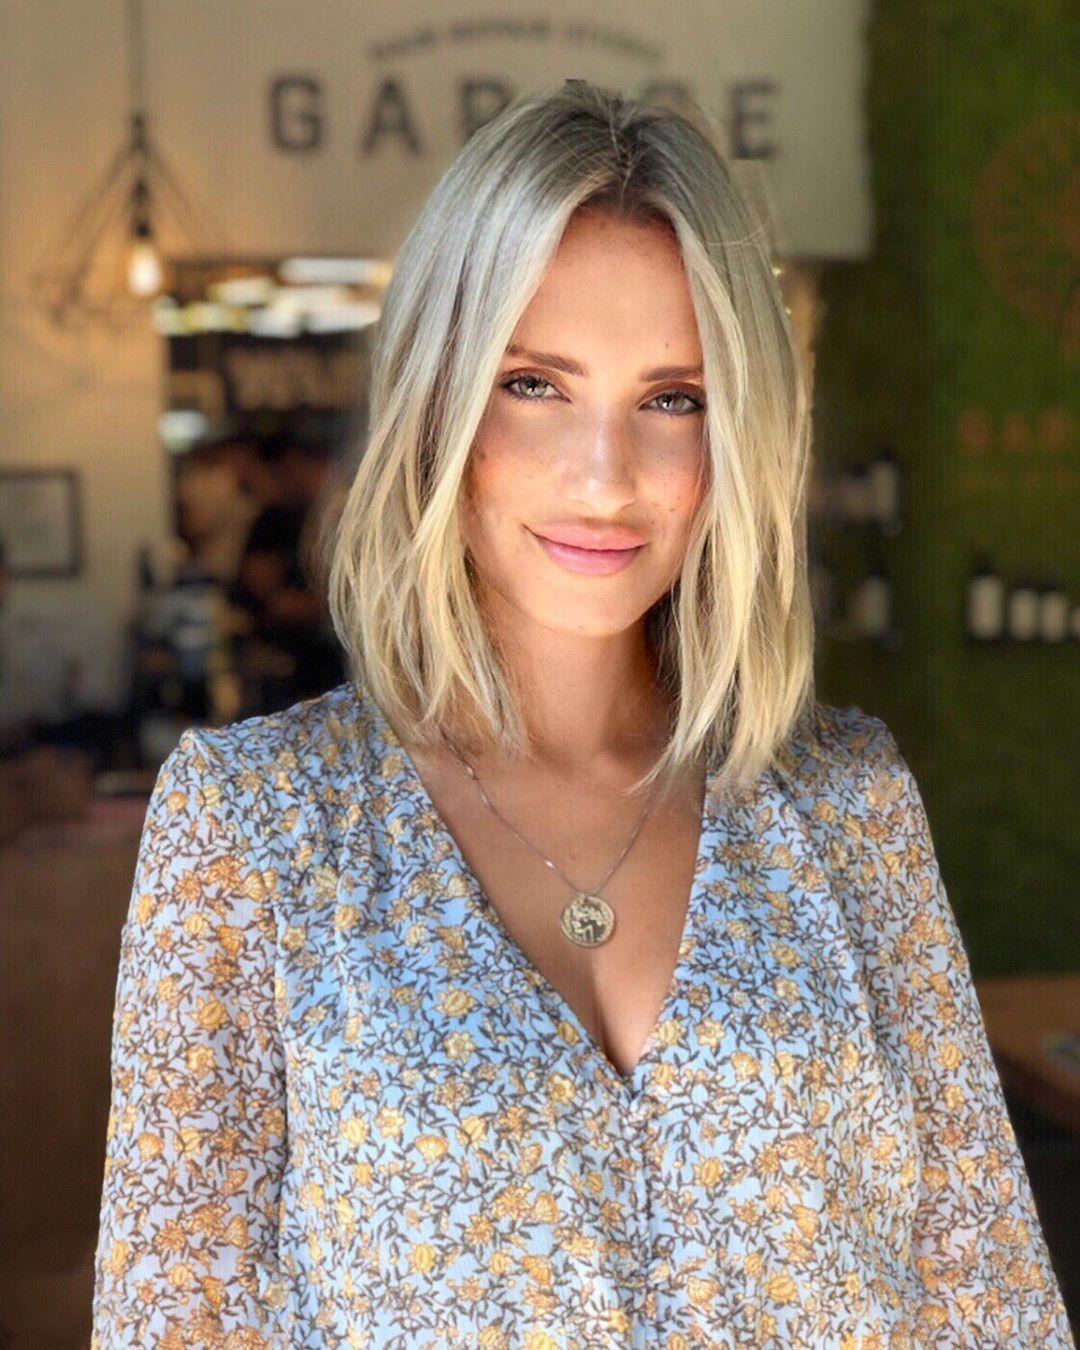 Ari Askina Garageizmir Blonde Best Izmir Muratdeler Sariningurus New Hair Blonde Women